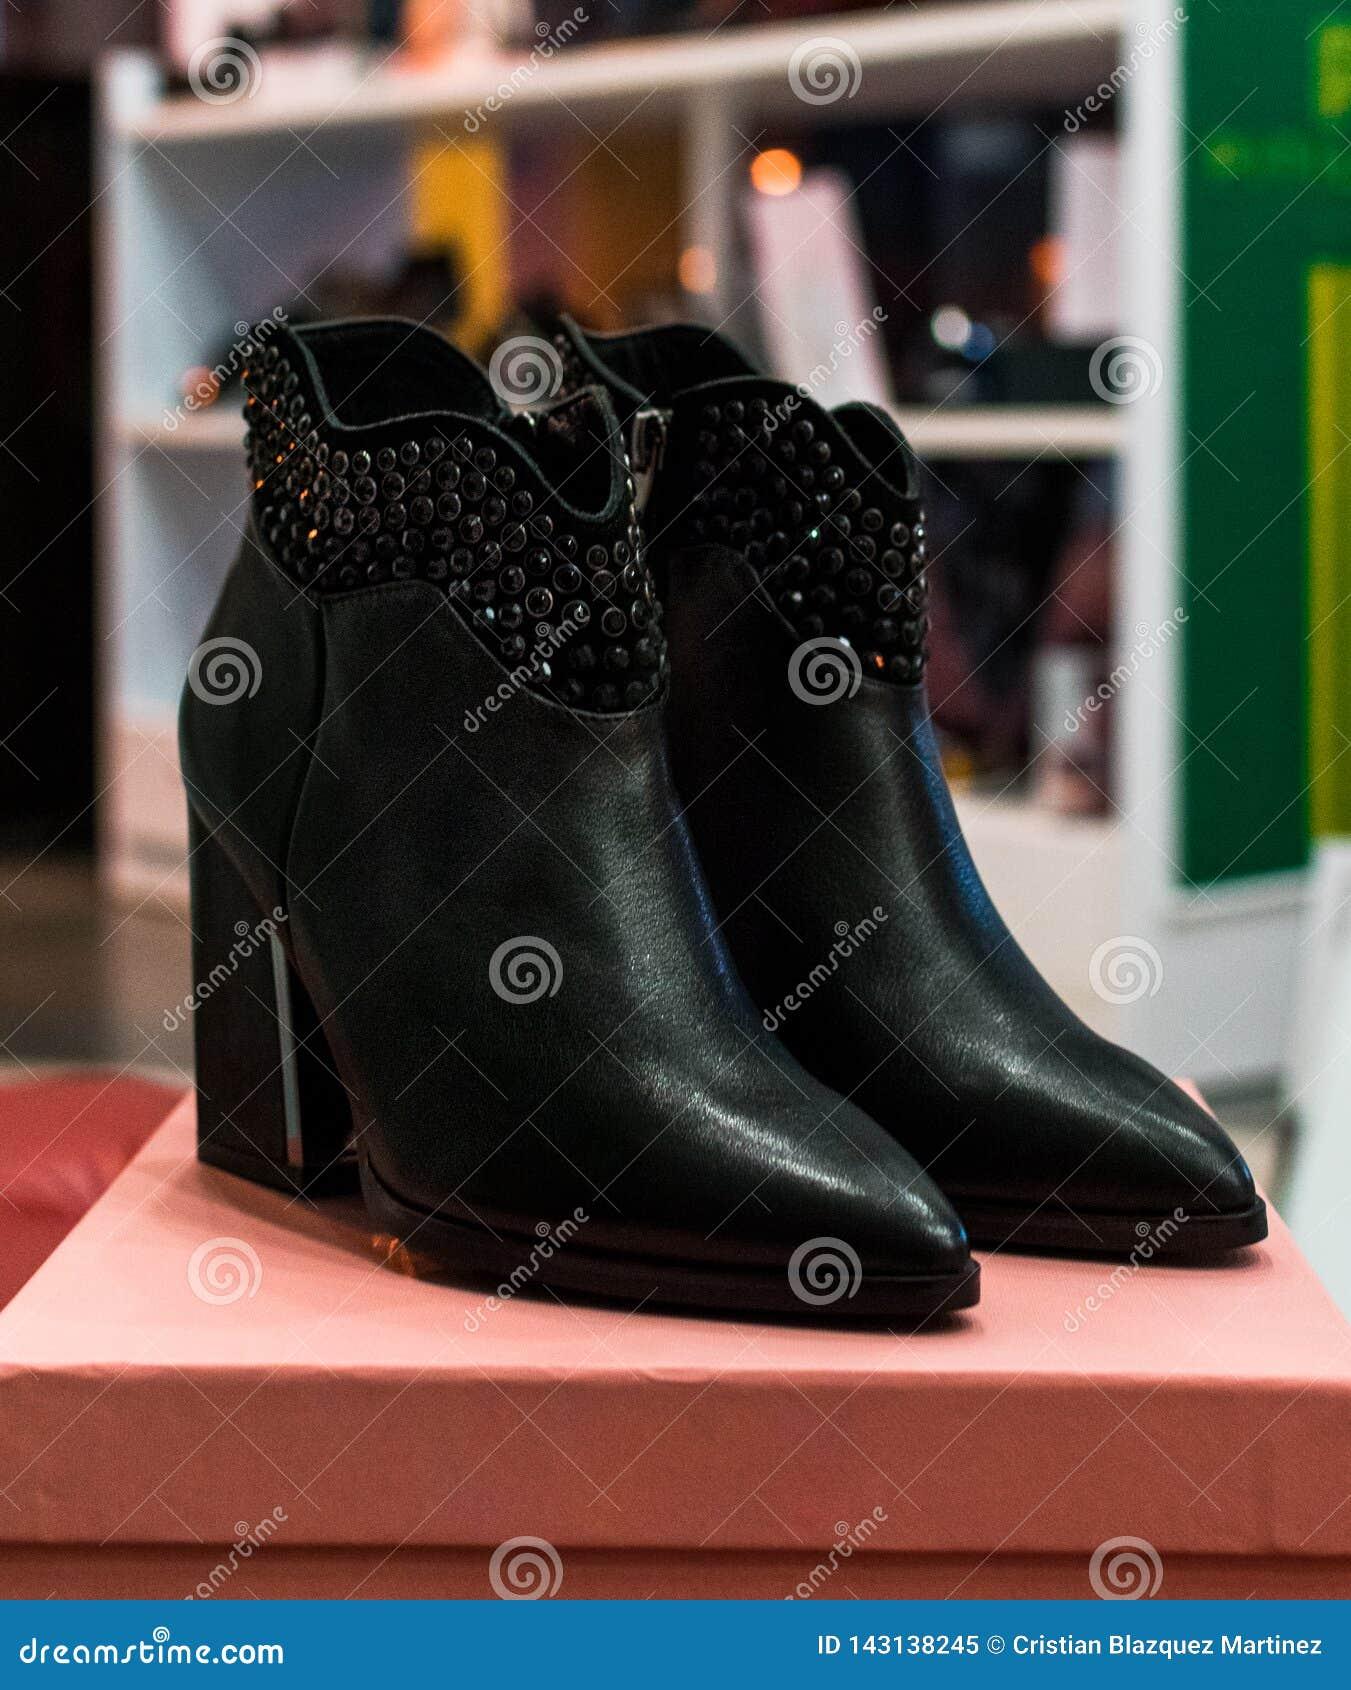 Элегантные ботинки и установка в магазине одежды